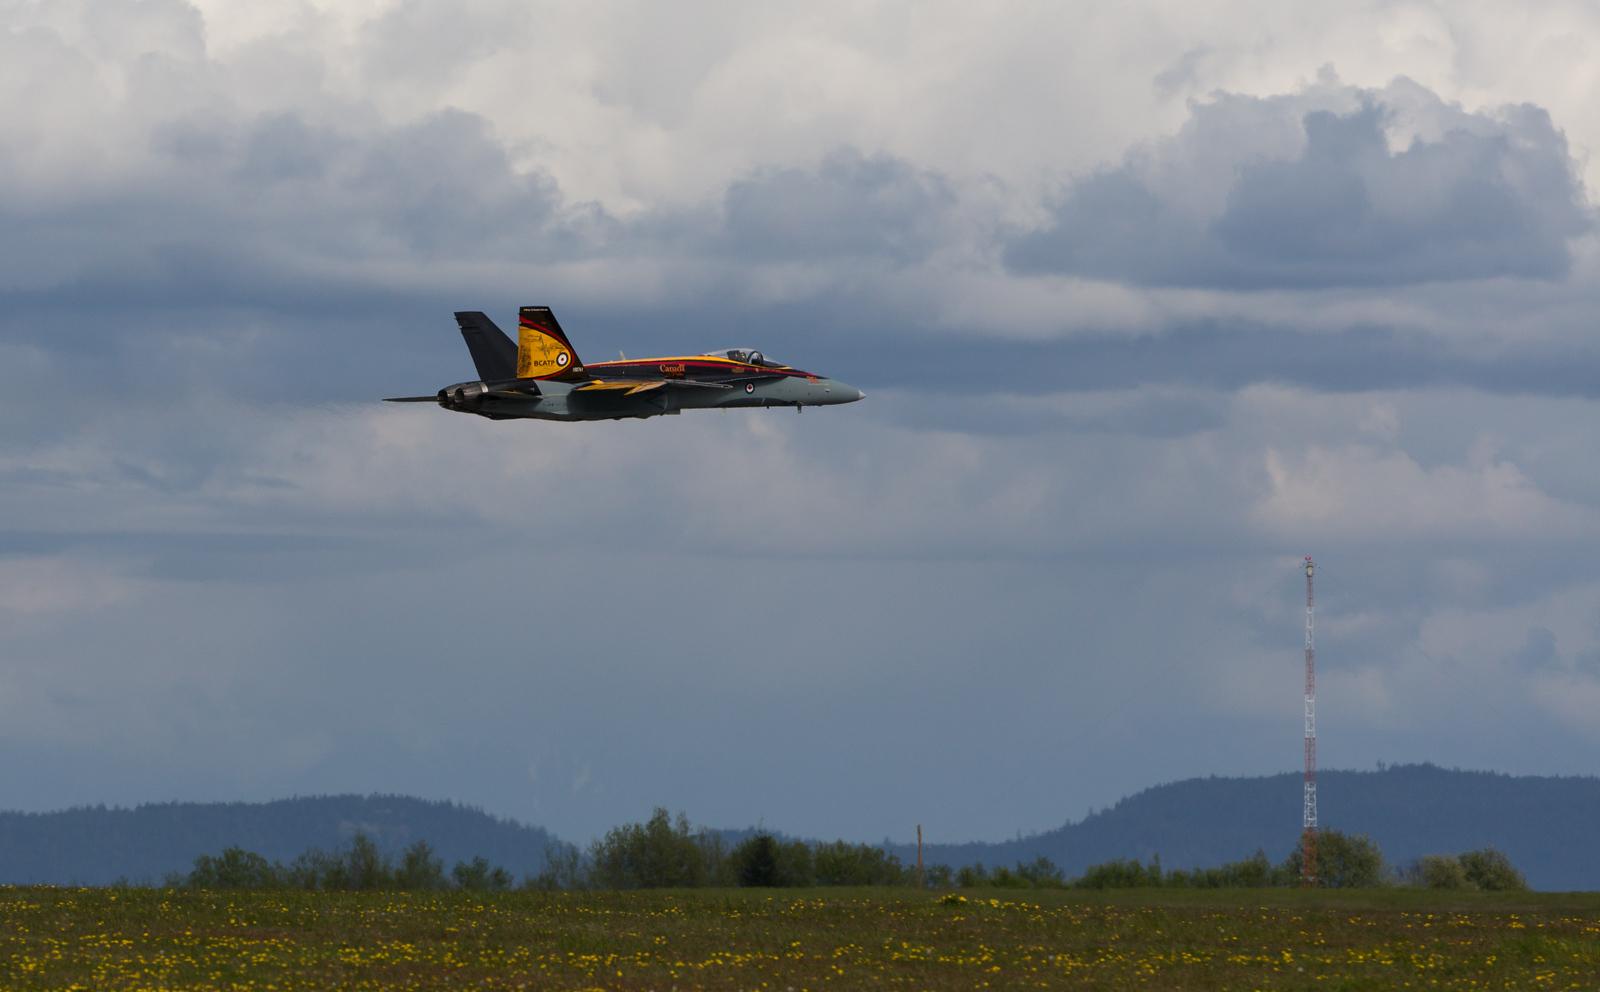 CF-18 2016 demo jet take-off at 19 wing